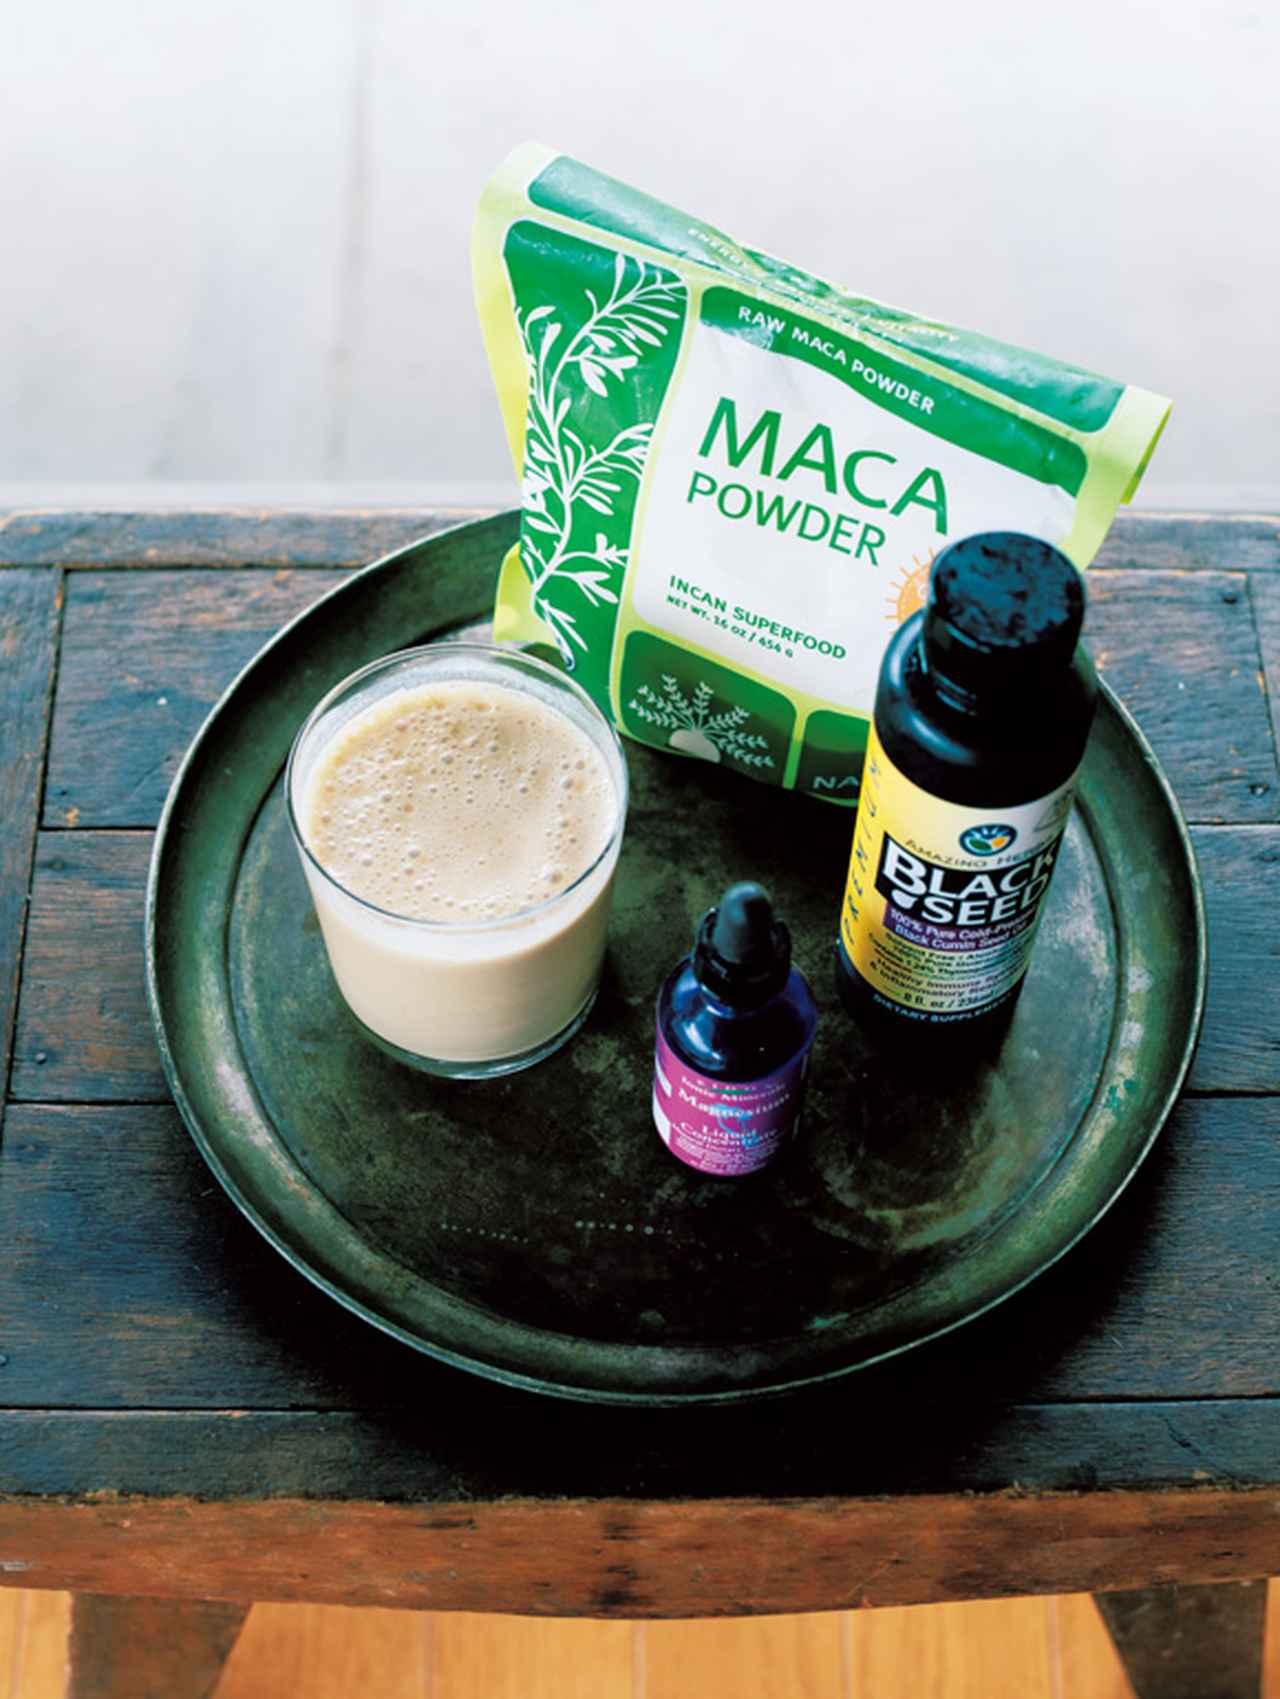 画像: コンブチャに、マカのパウダーとマグネシウム、ブラッククミンシードオイル、豆乳を混ぜてバーミックスで攪拌すると、ミルクセーキのようにとろりとしたドリンクに